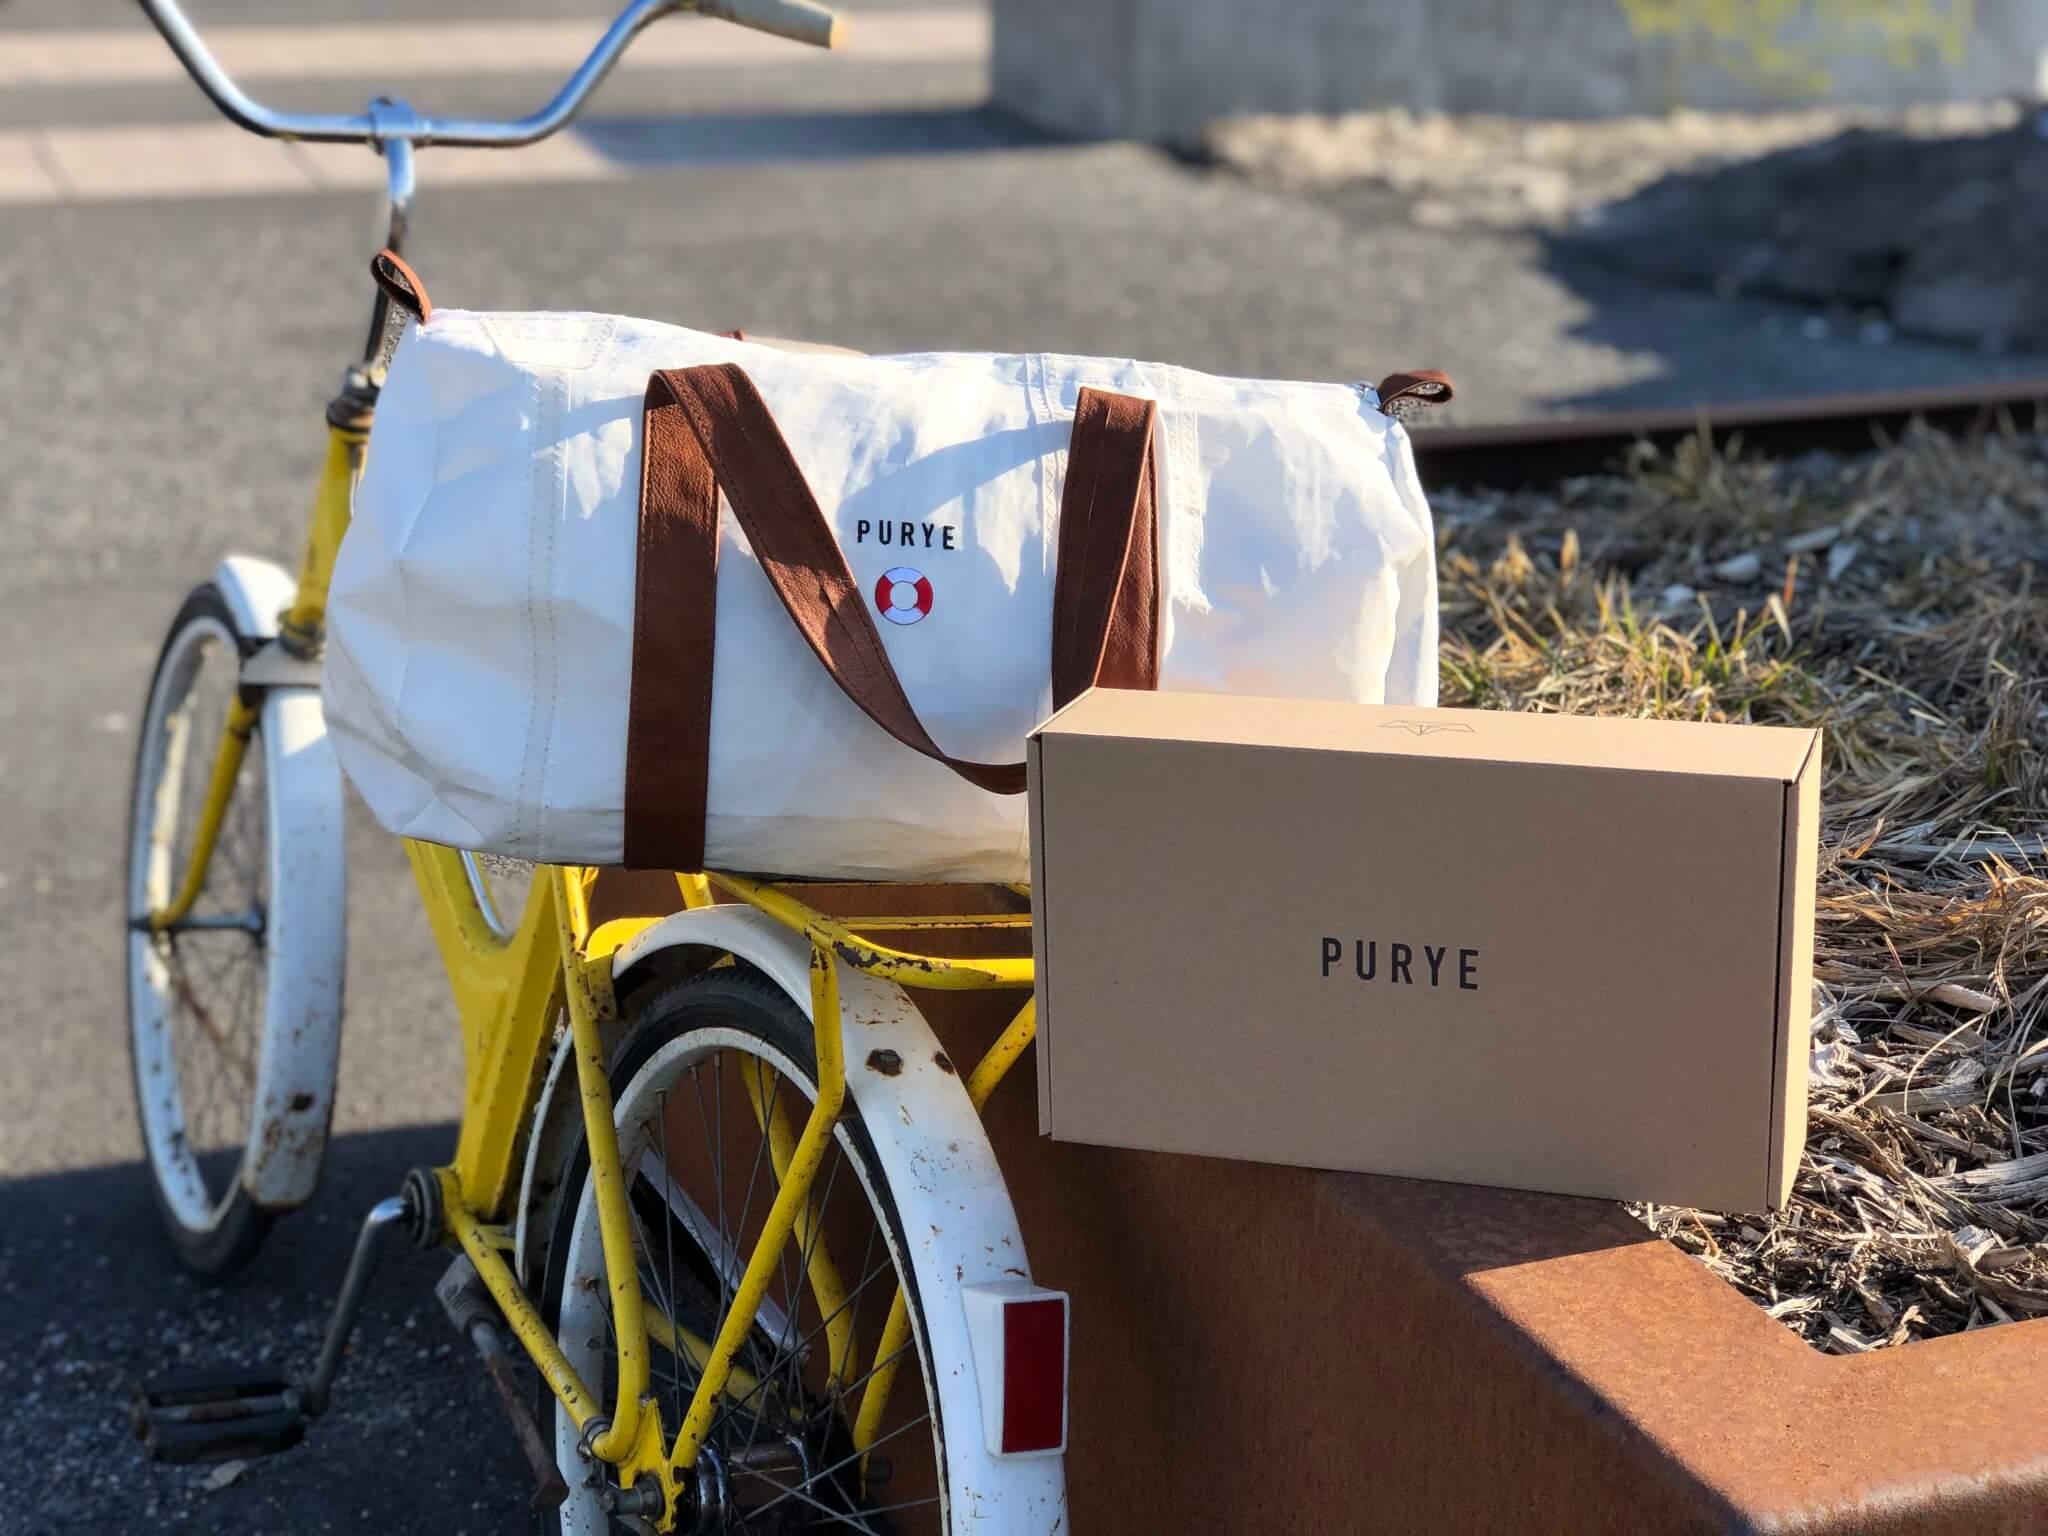 cajas postales de purye clothing